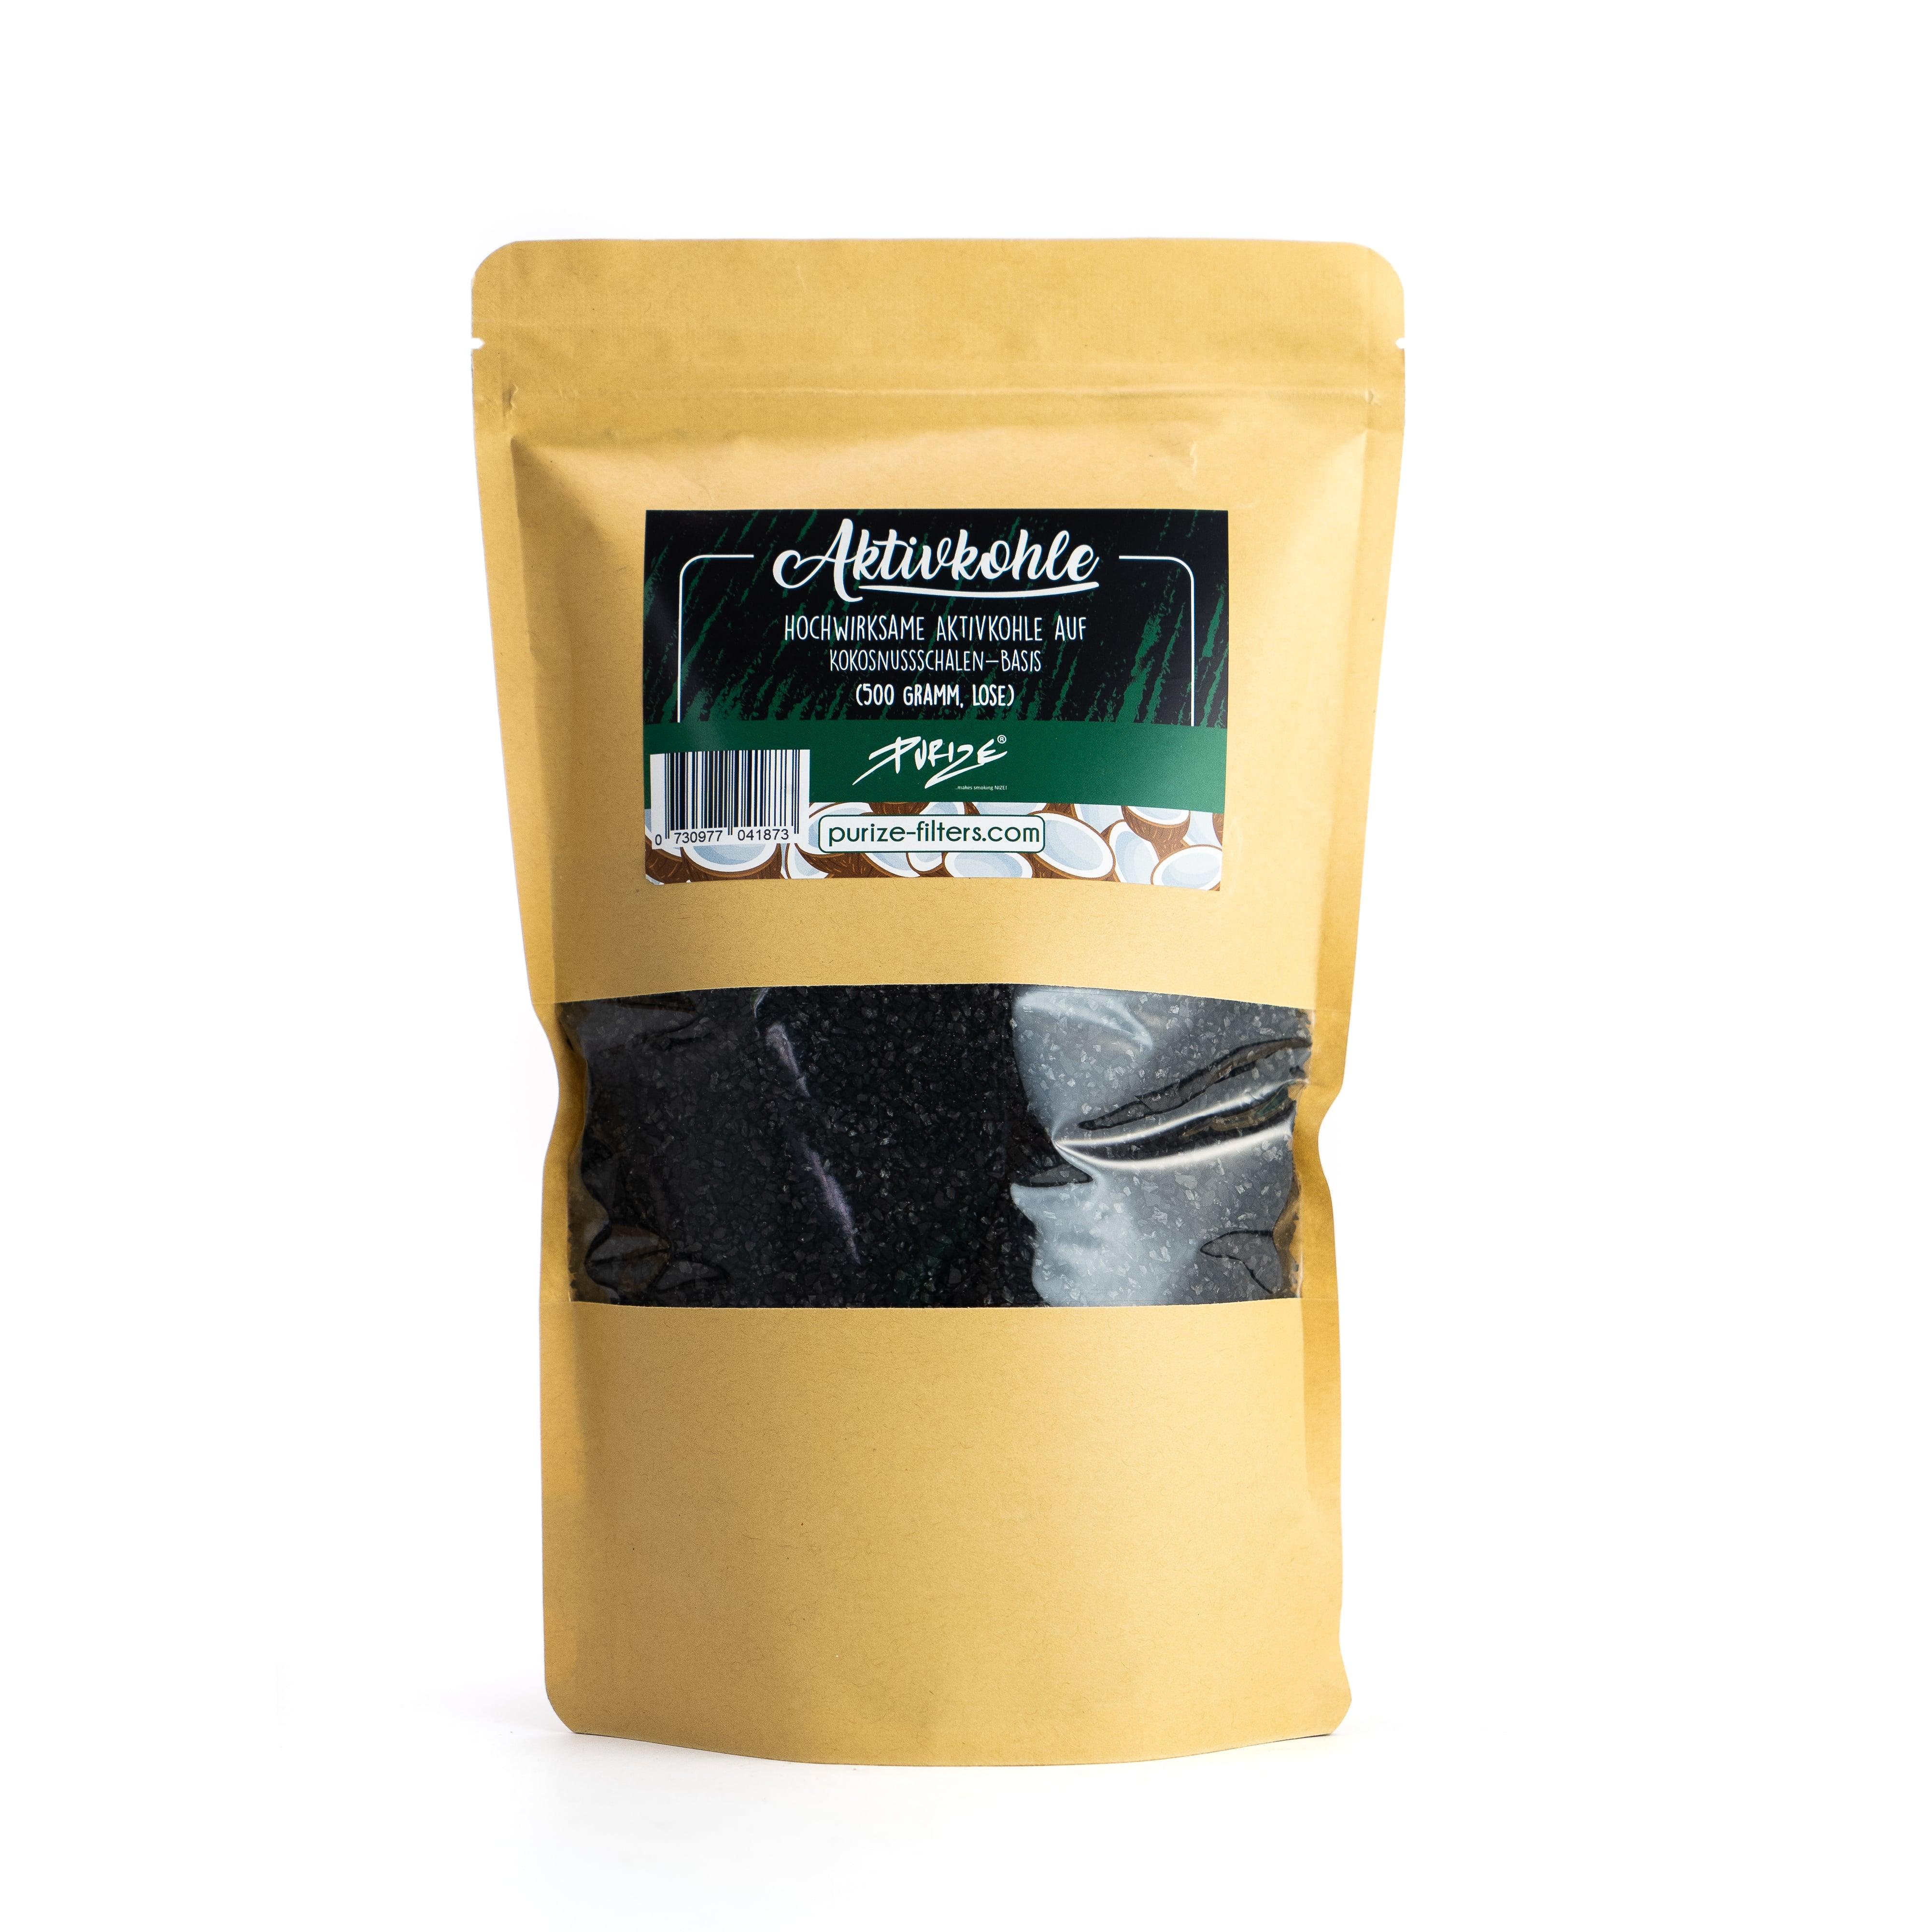 PURIZE® Aktivkohle – Coconut 500 gr.